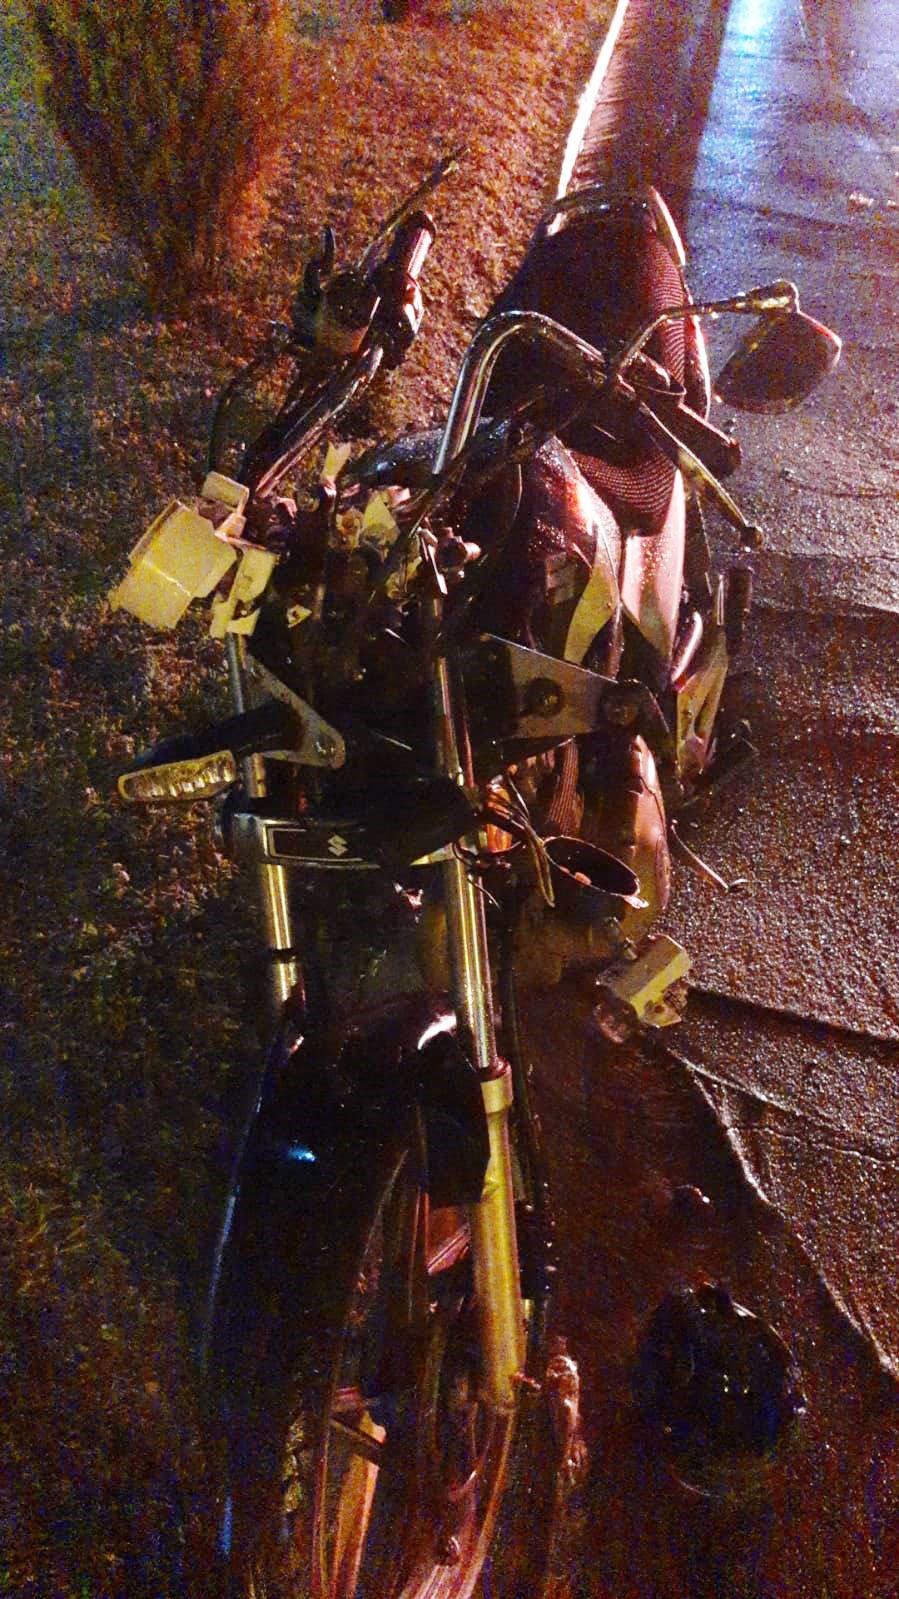 Motociclista de 29 anos morre vítima de acidente de trânsito no trevo de acesso a Parapuã